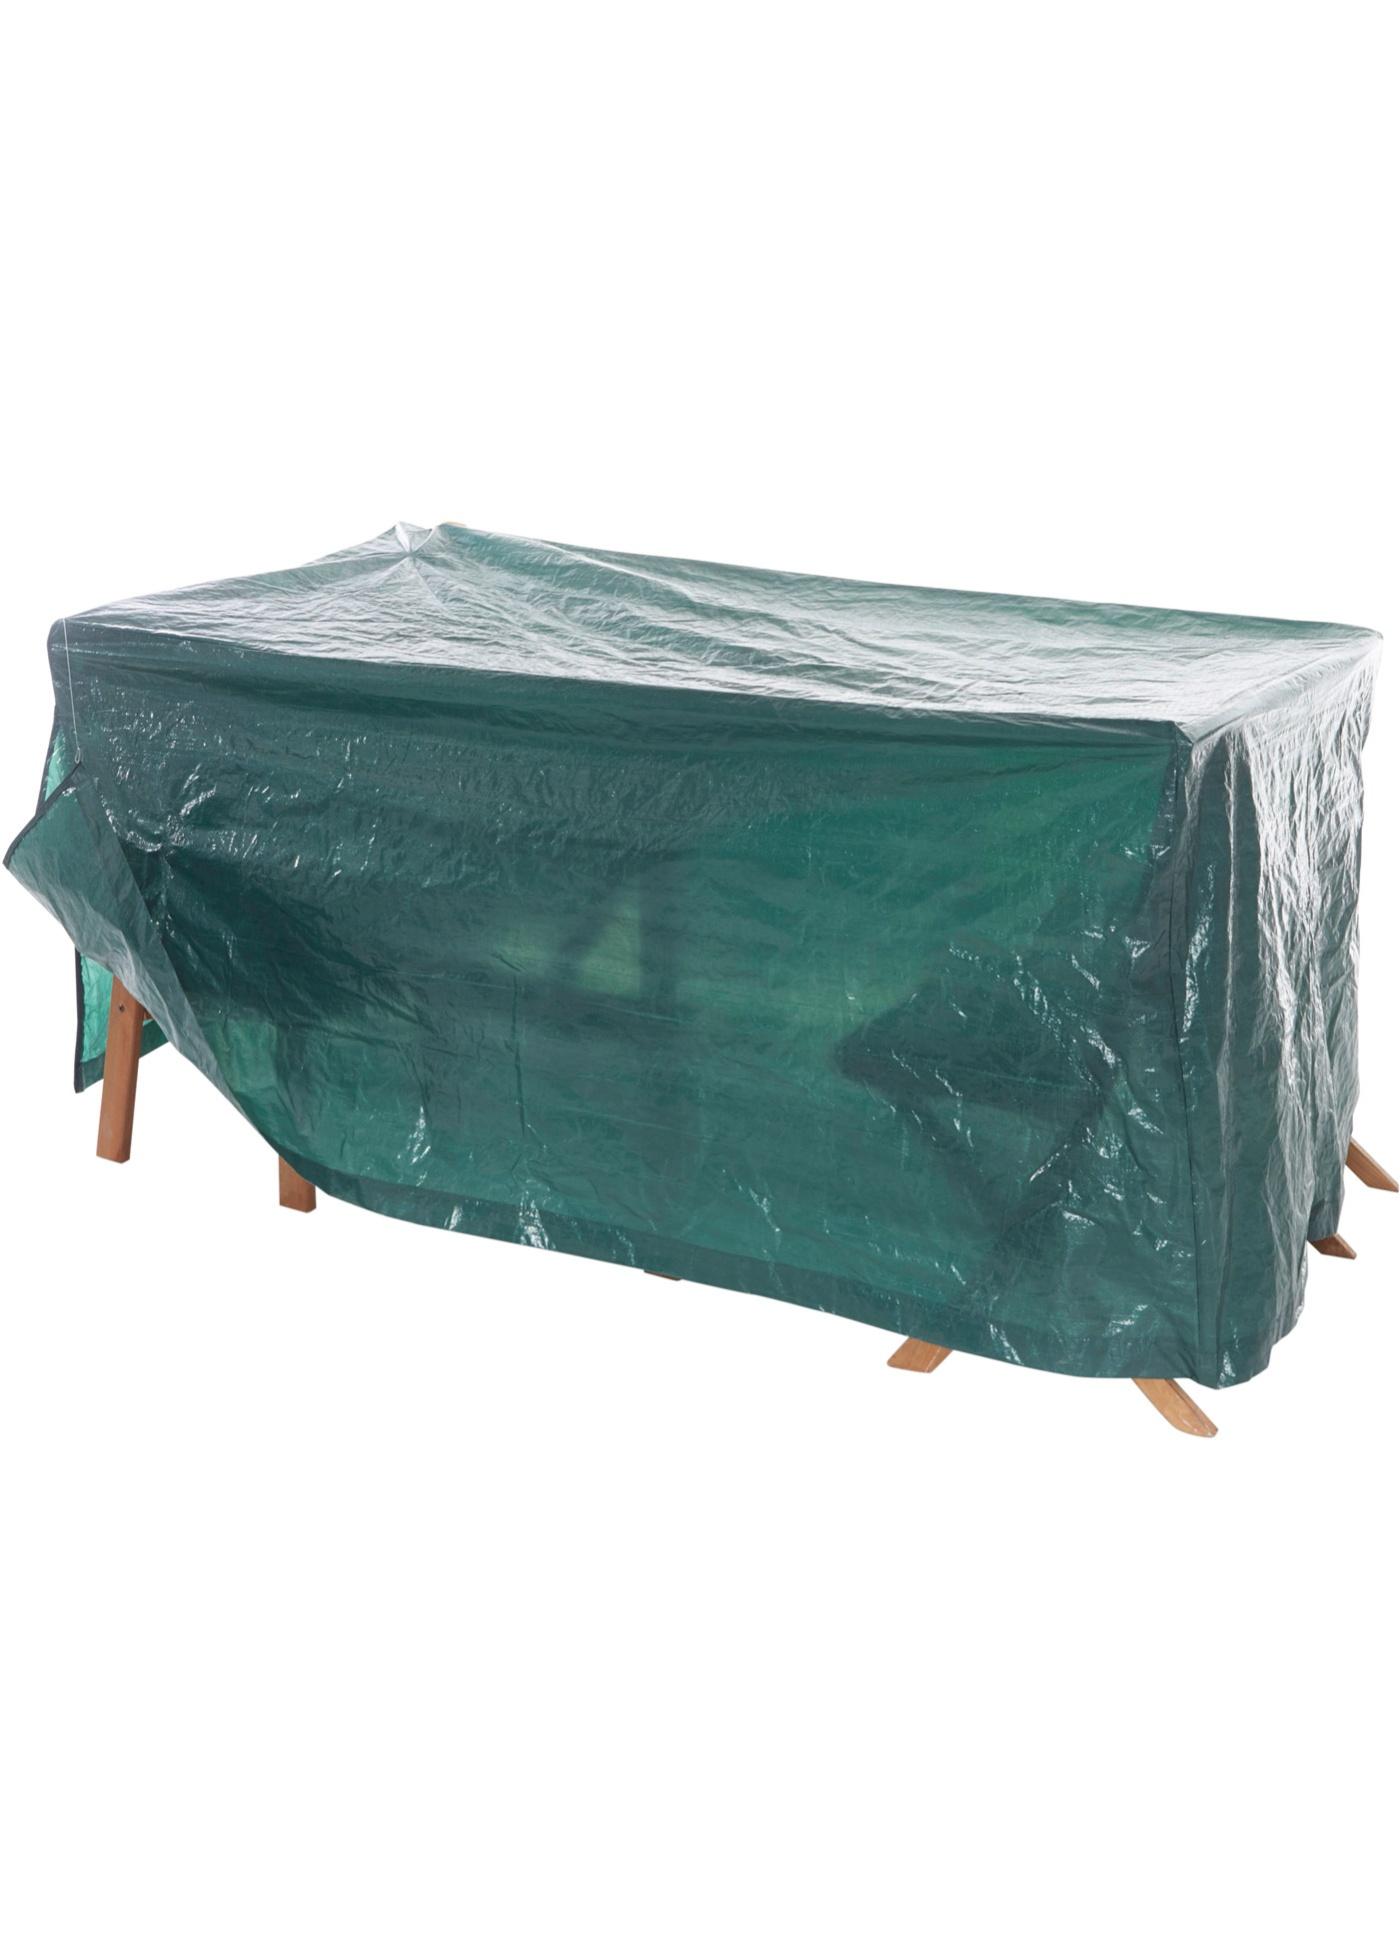 Schutzhülle für Gartenmöbel Sets